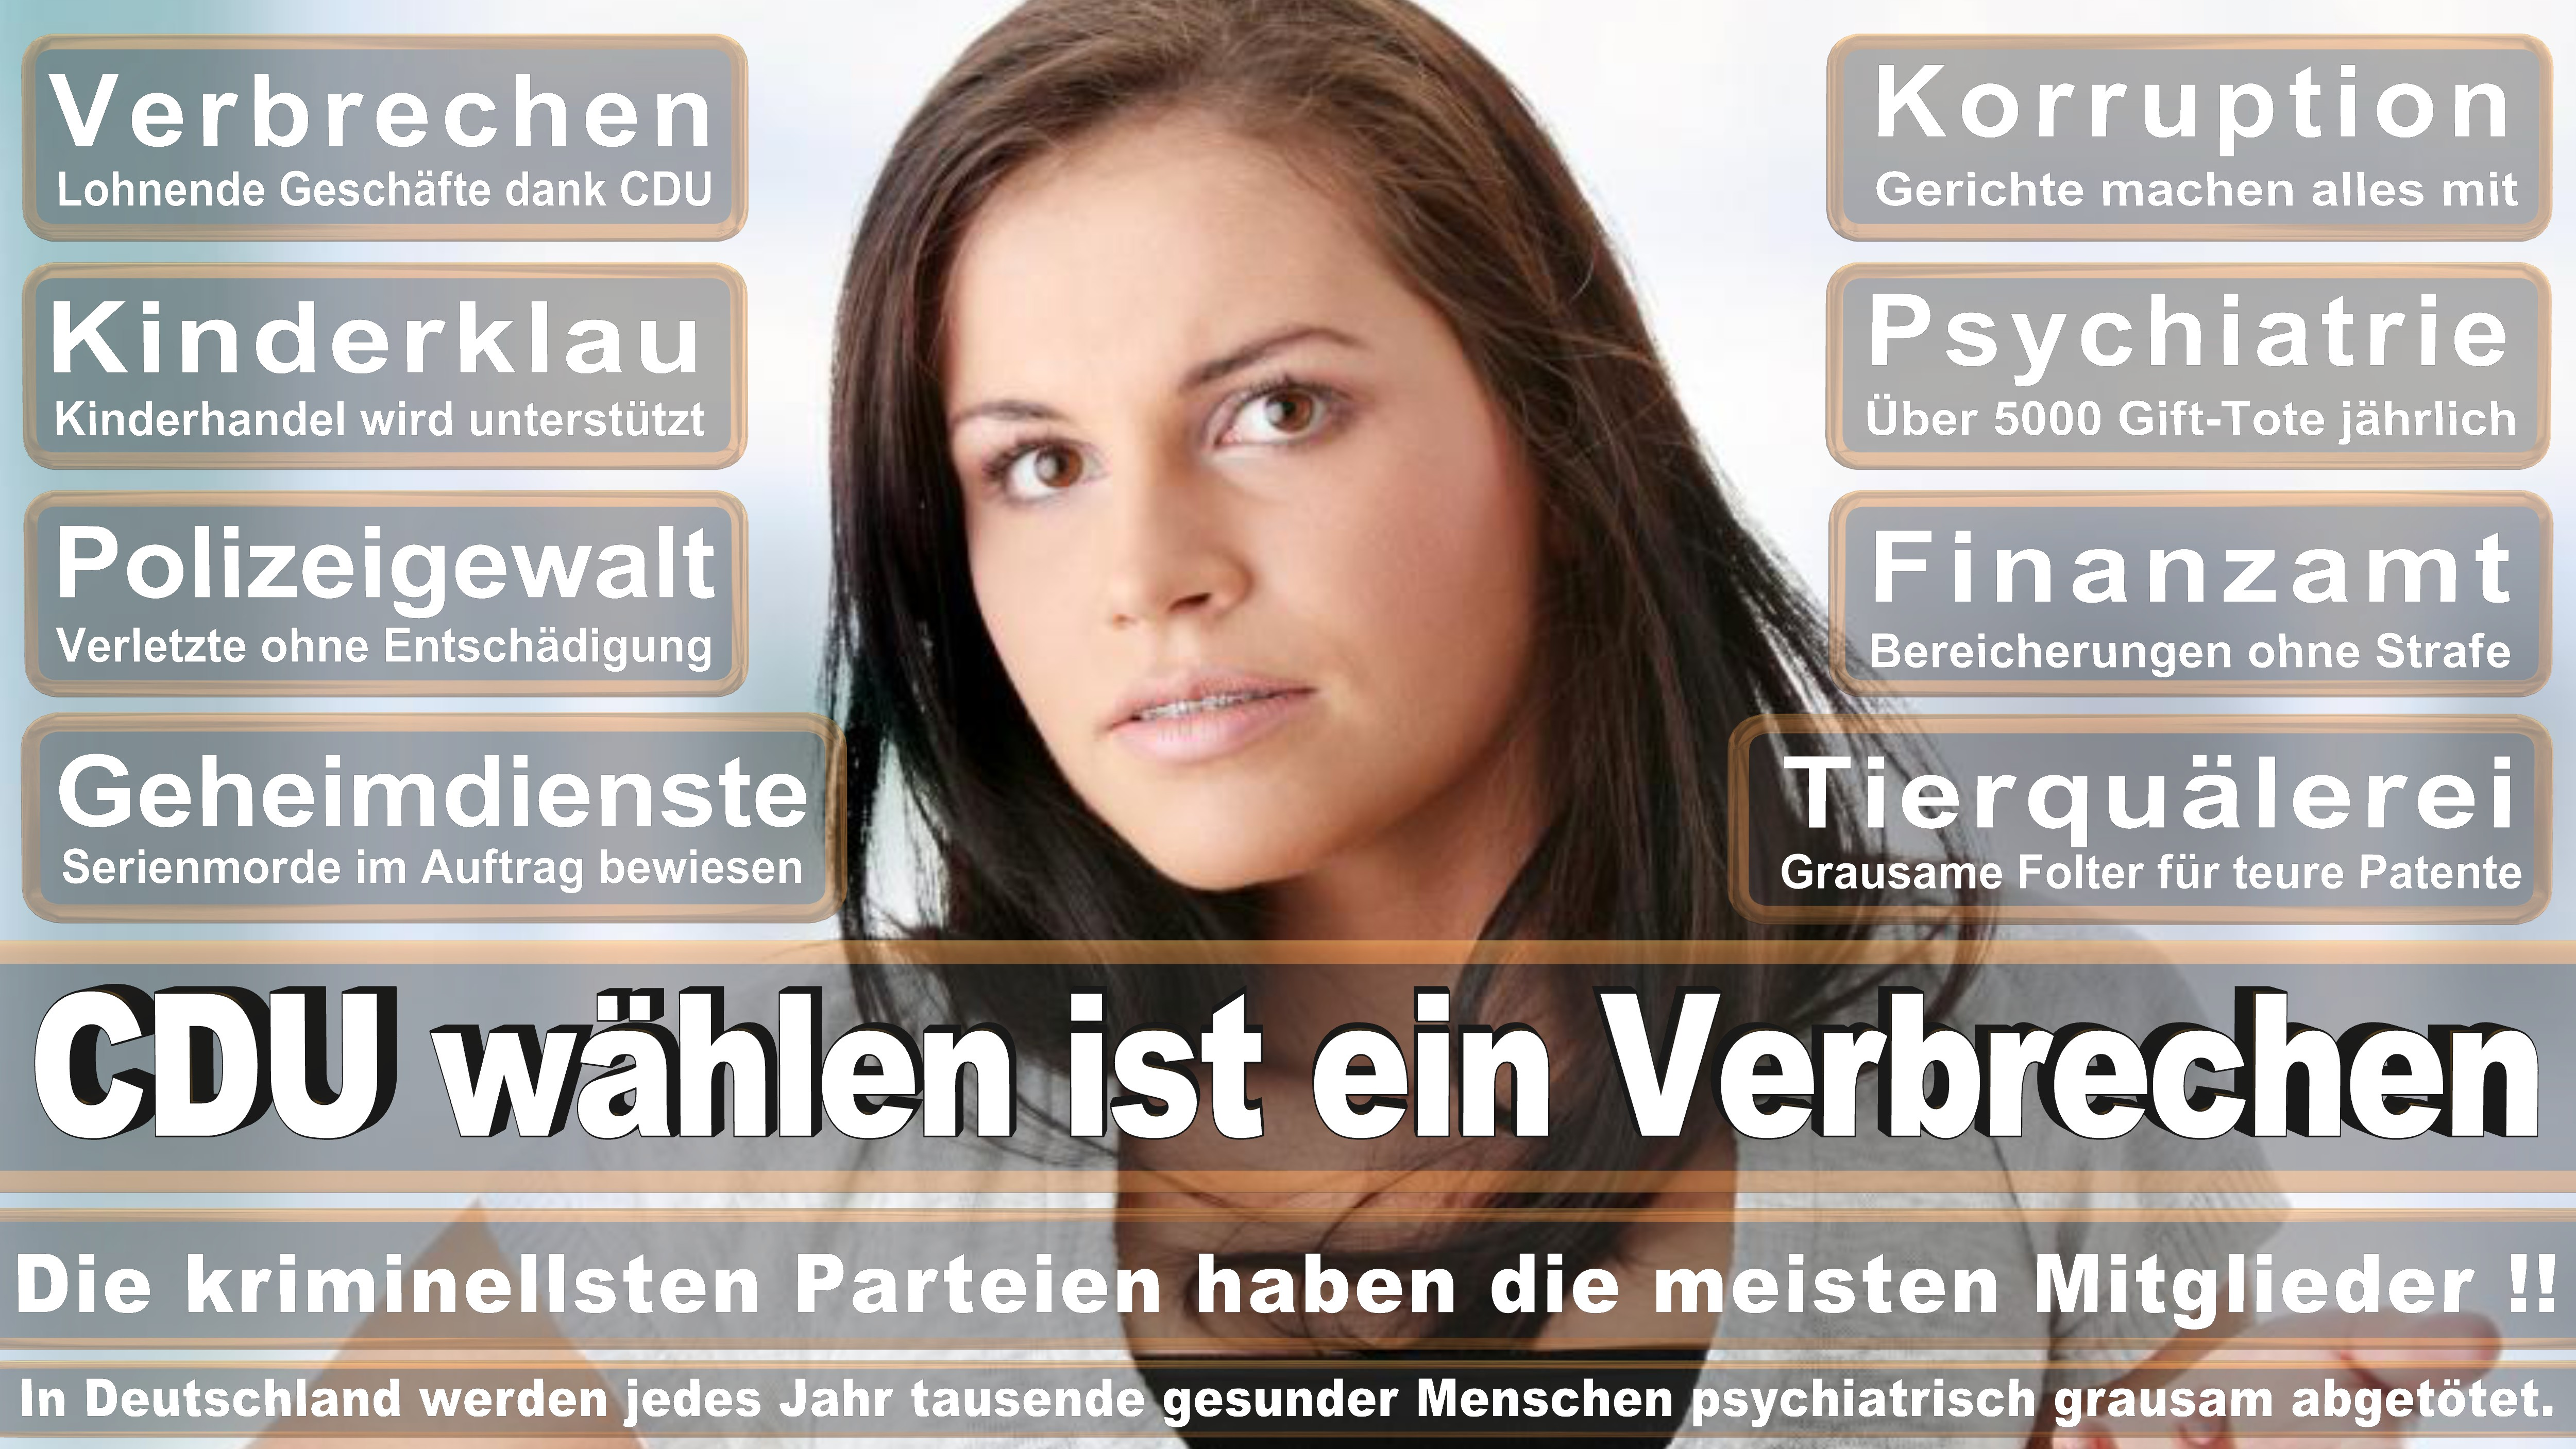 Stellvertretender Fraktionsvorsitzender CDU CSU Politiker